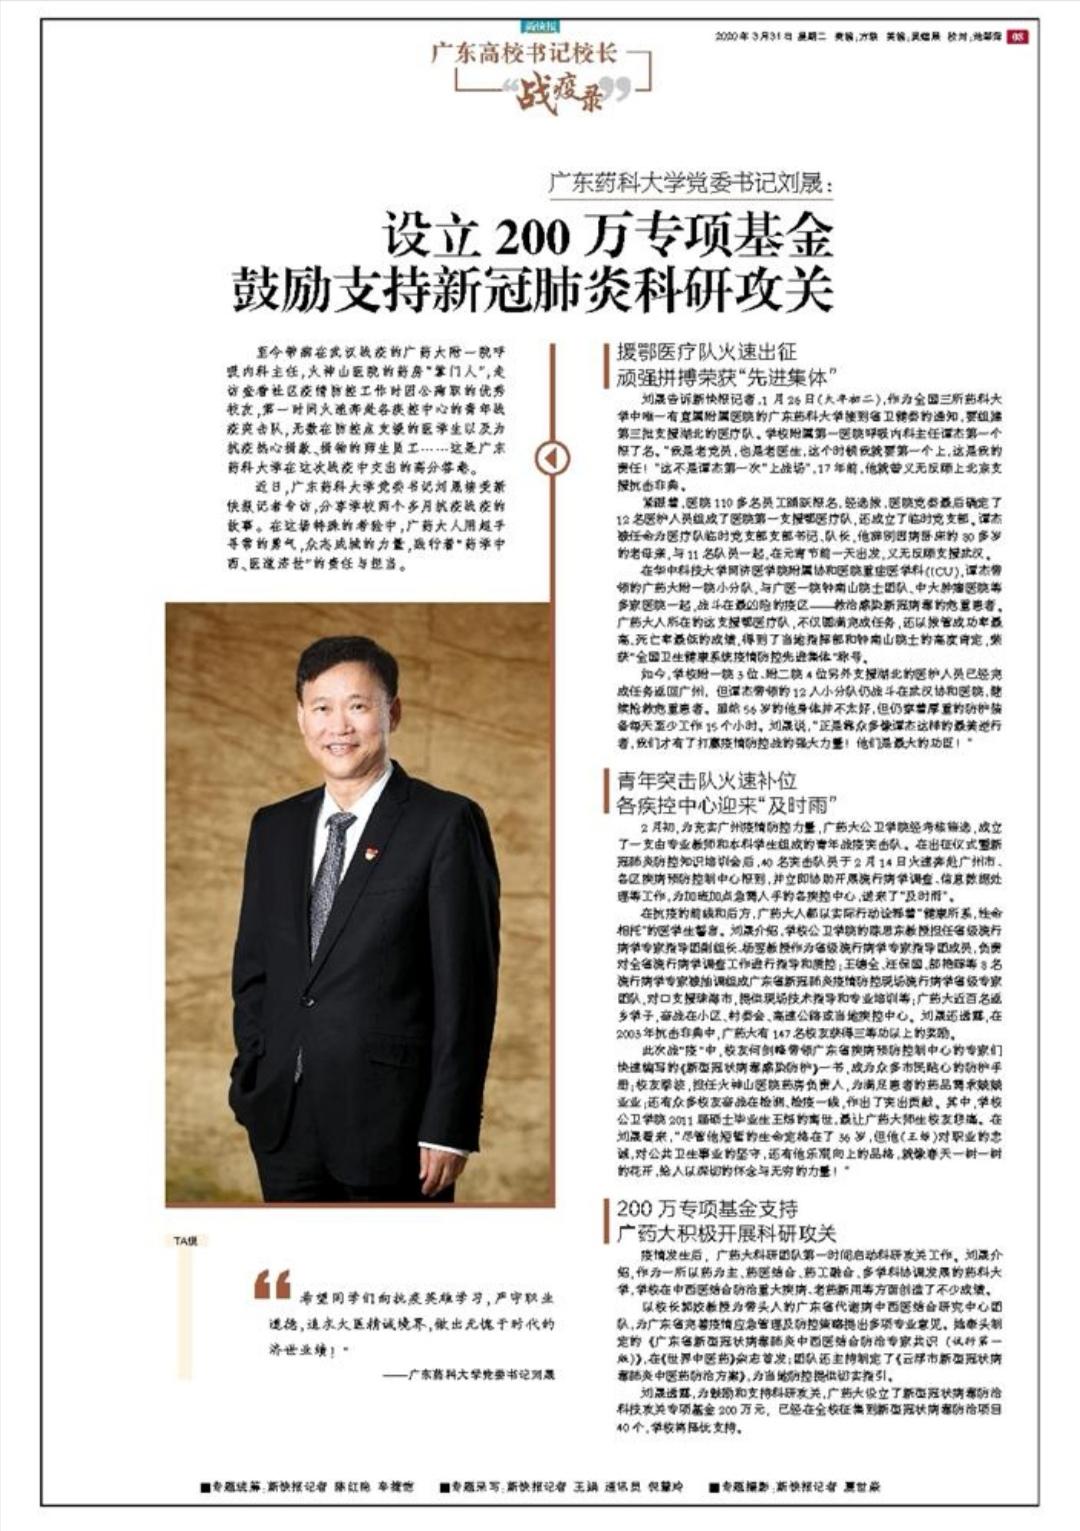 【新快报】广东高校书记校长战疫录:广东药科大学党委书记刘晟